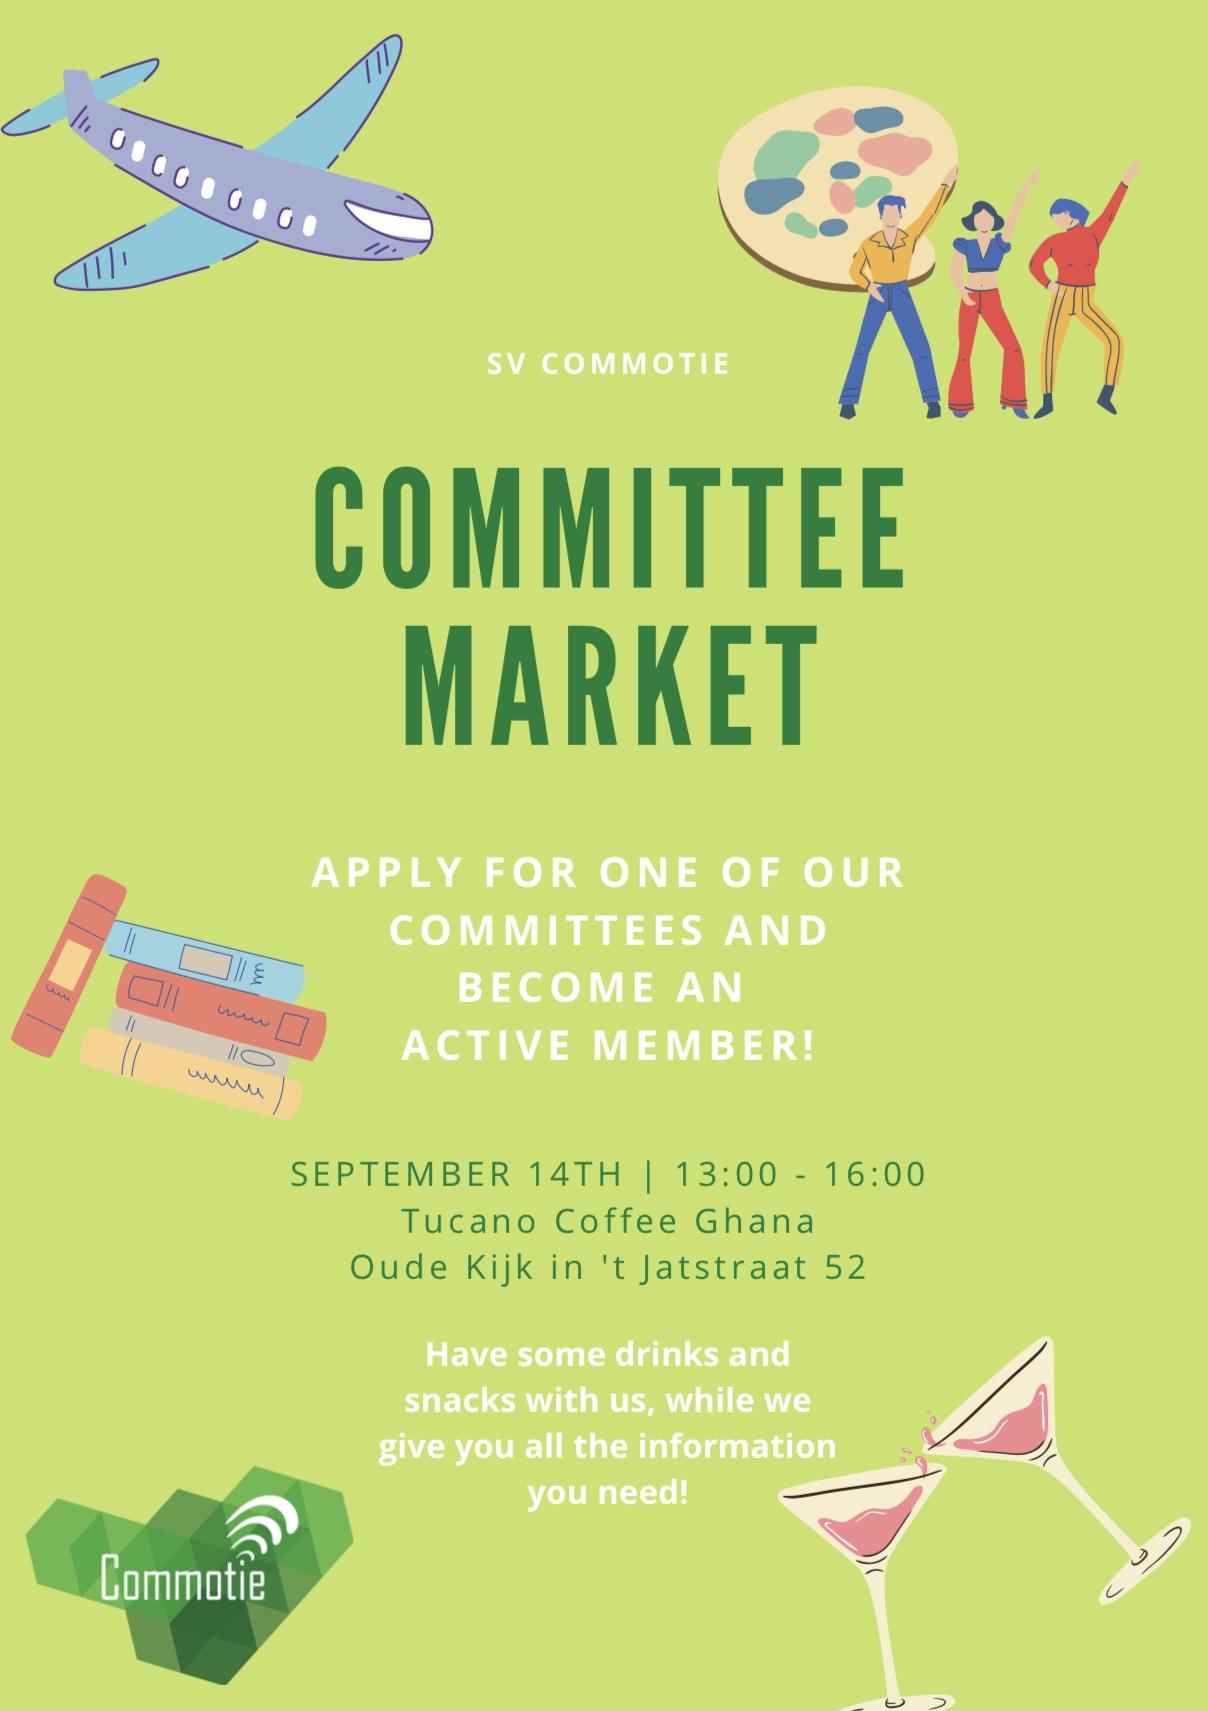 Committee Market